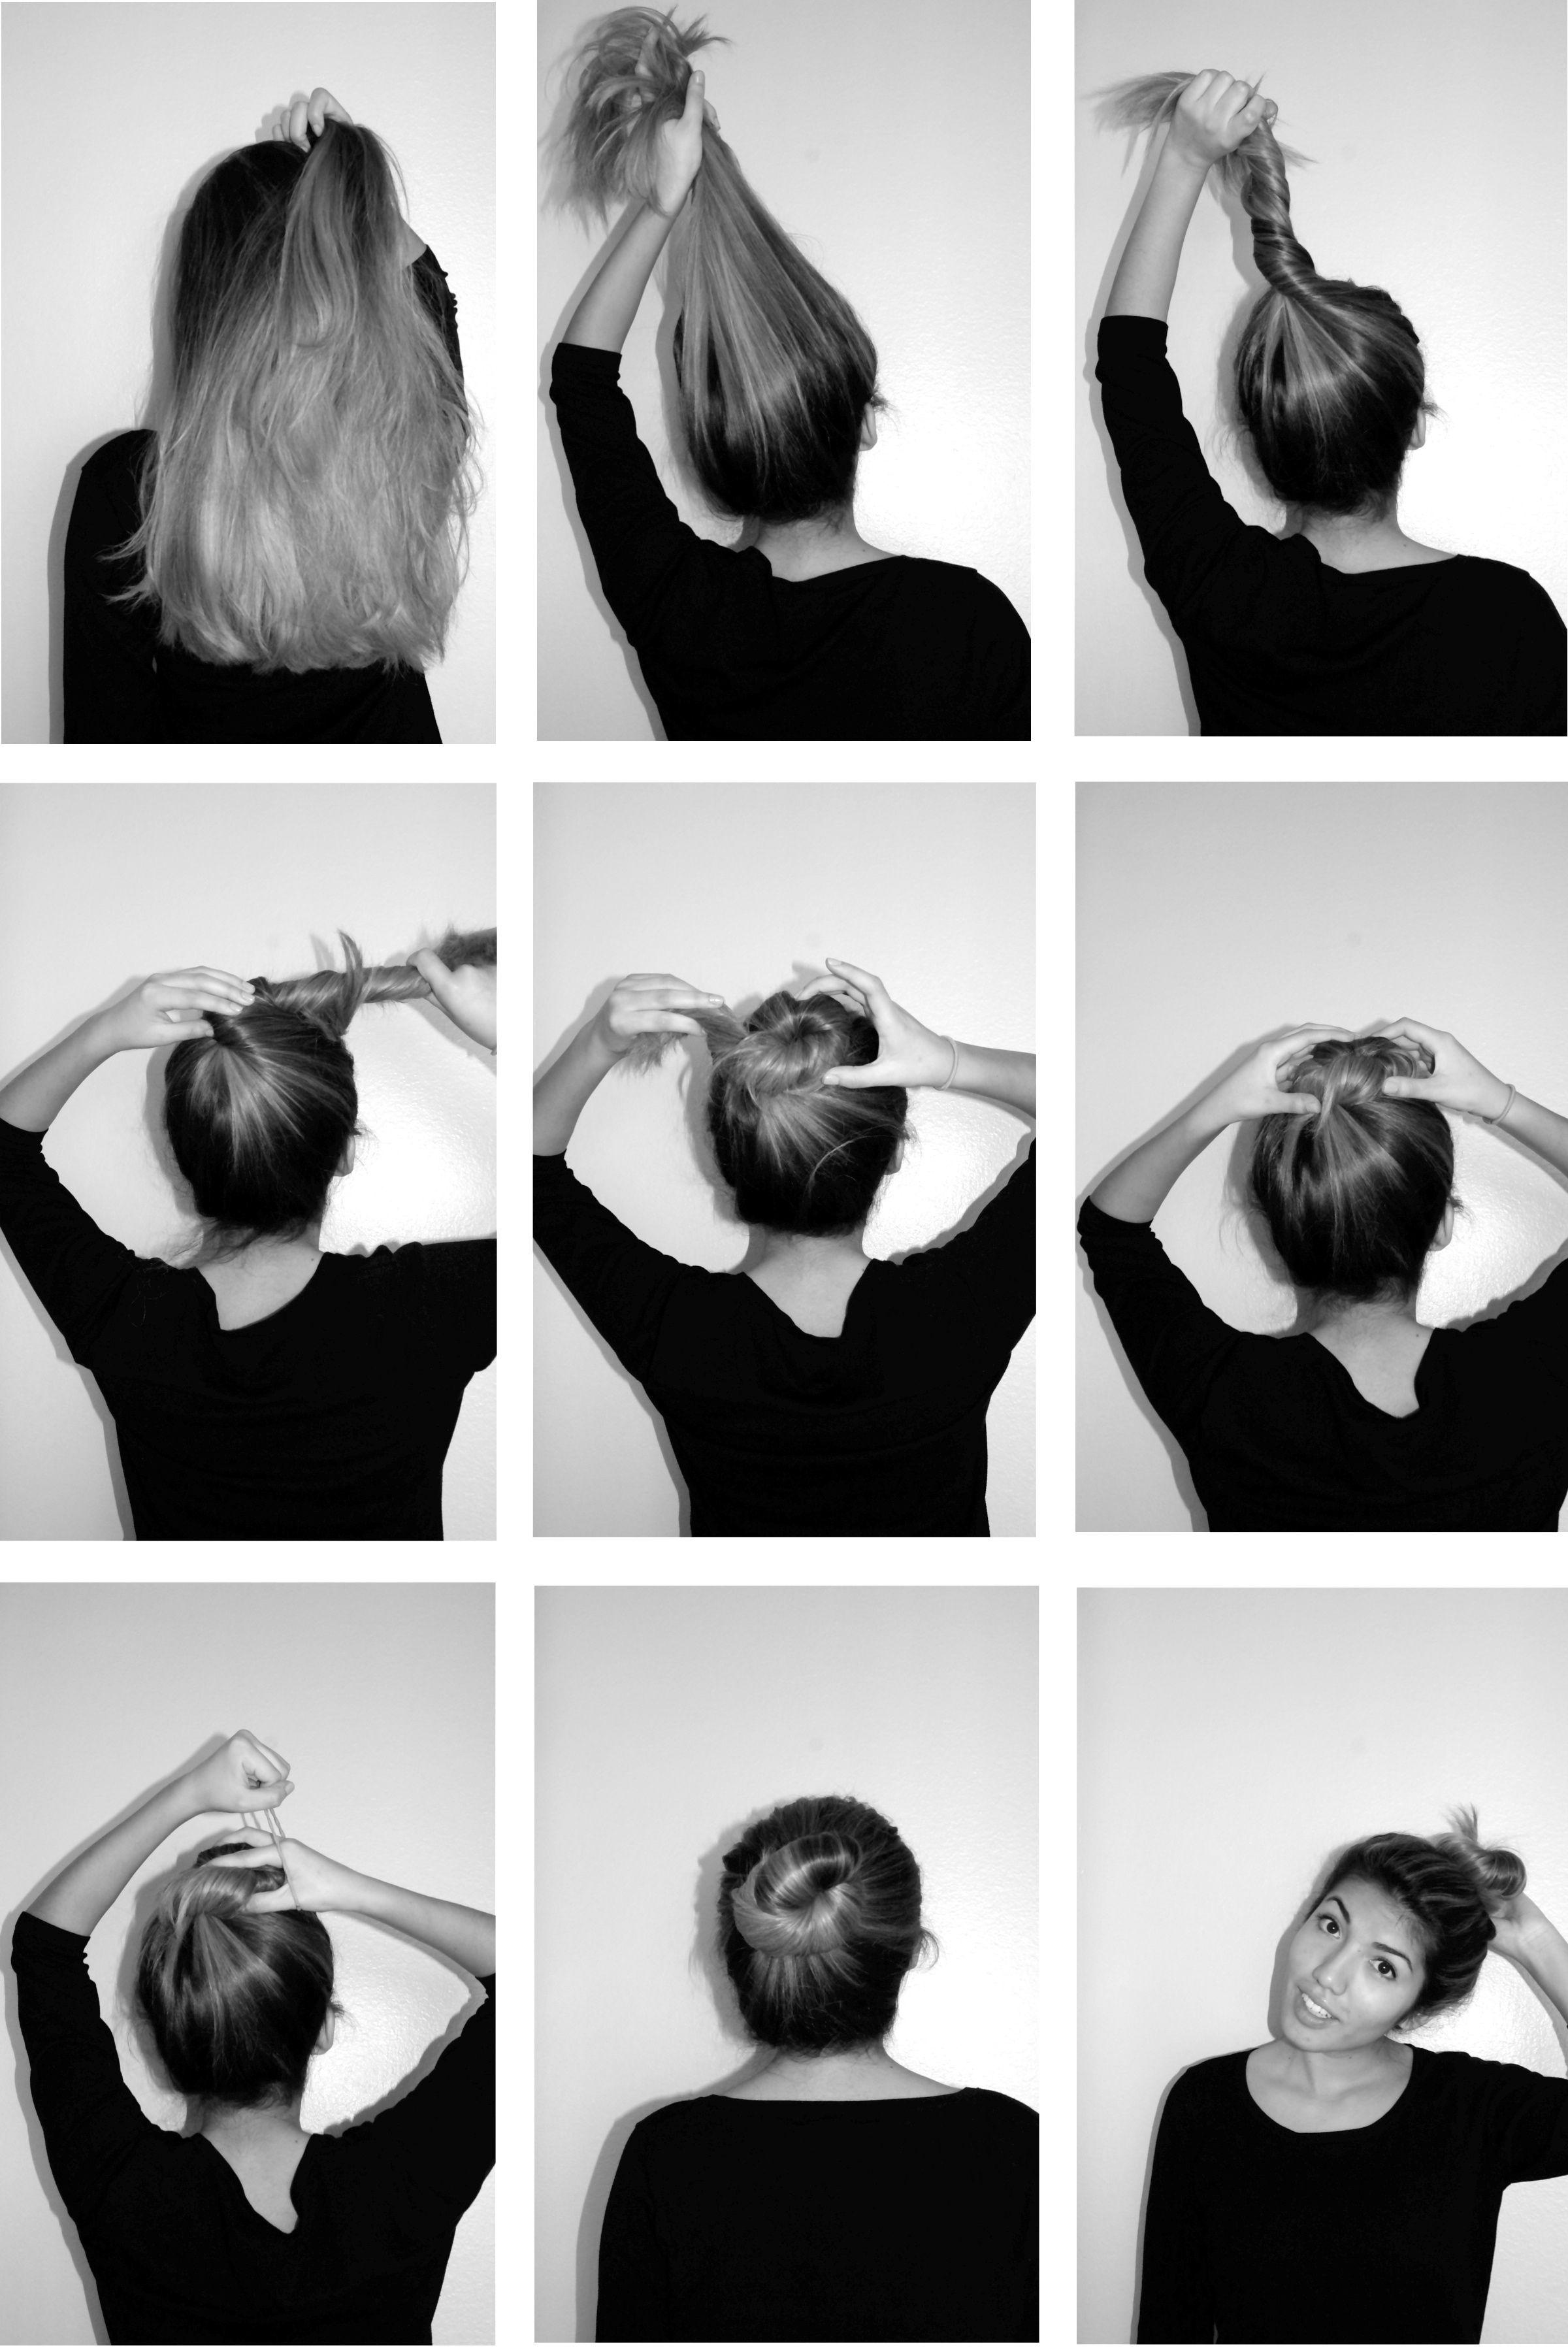 72 How To Do A Messy Bun With Thin Hair Ideas Fashion Di 2019